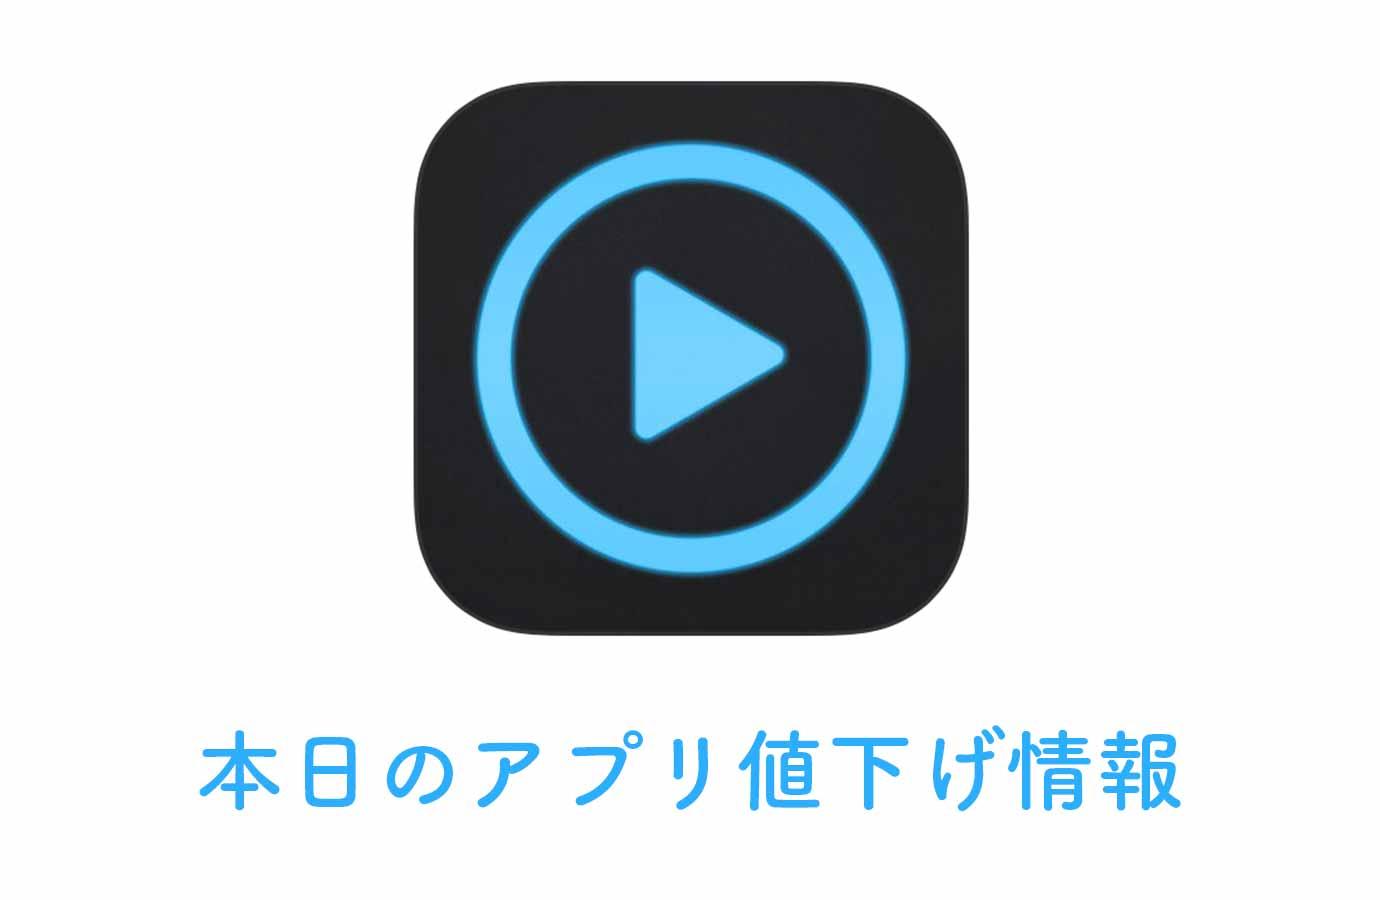 1,800円→960円!KORGのハイレゾ音楽プレイヤー「iAudioGate」など【11/30】アプリ値下げ情報